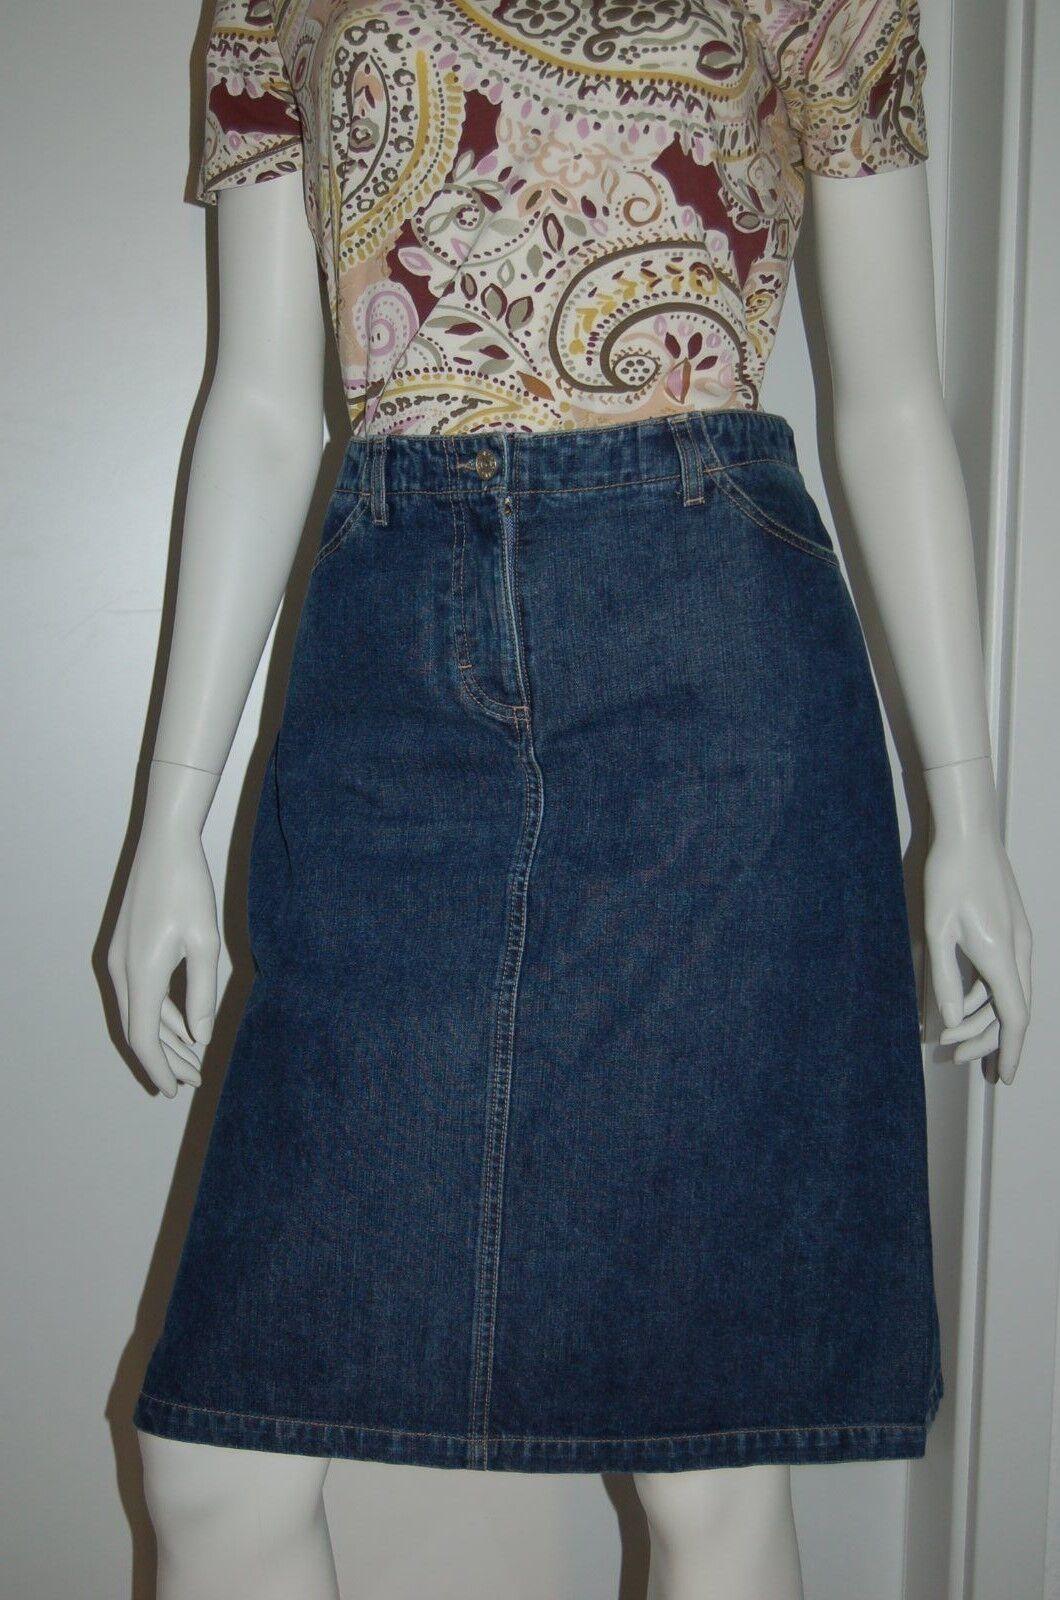 Bogner Jeans - Jeans-Rock - Gr. 38